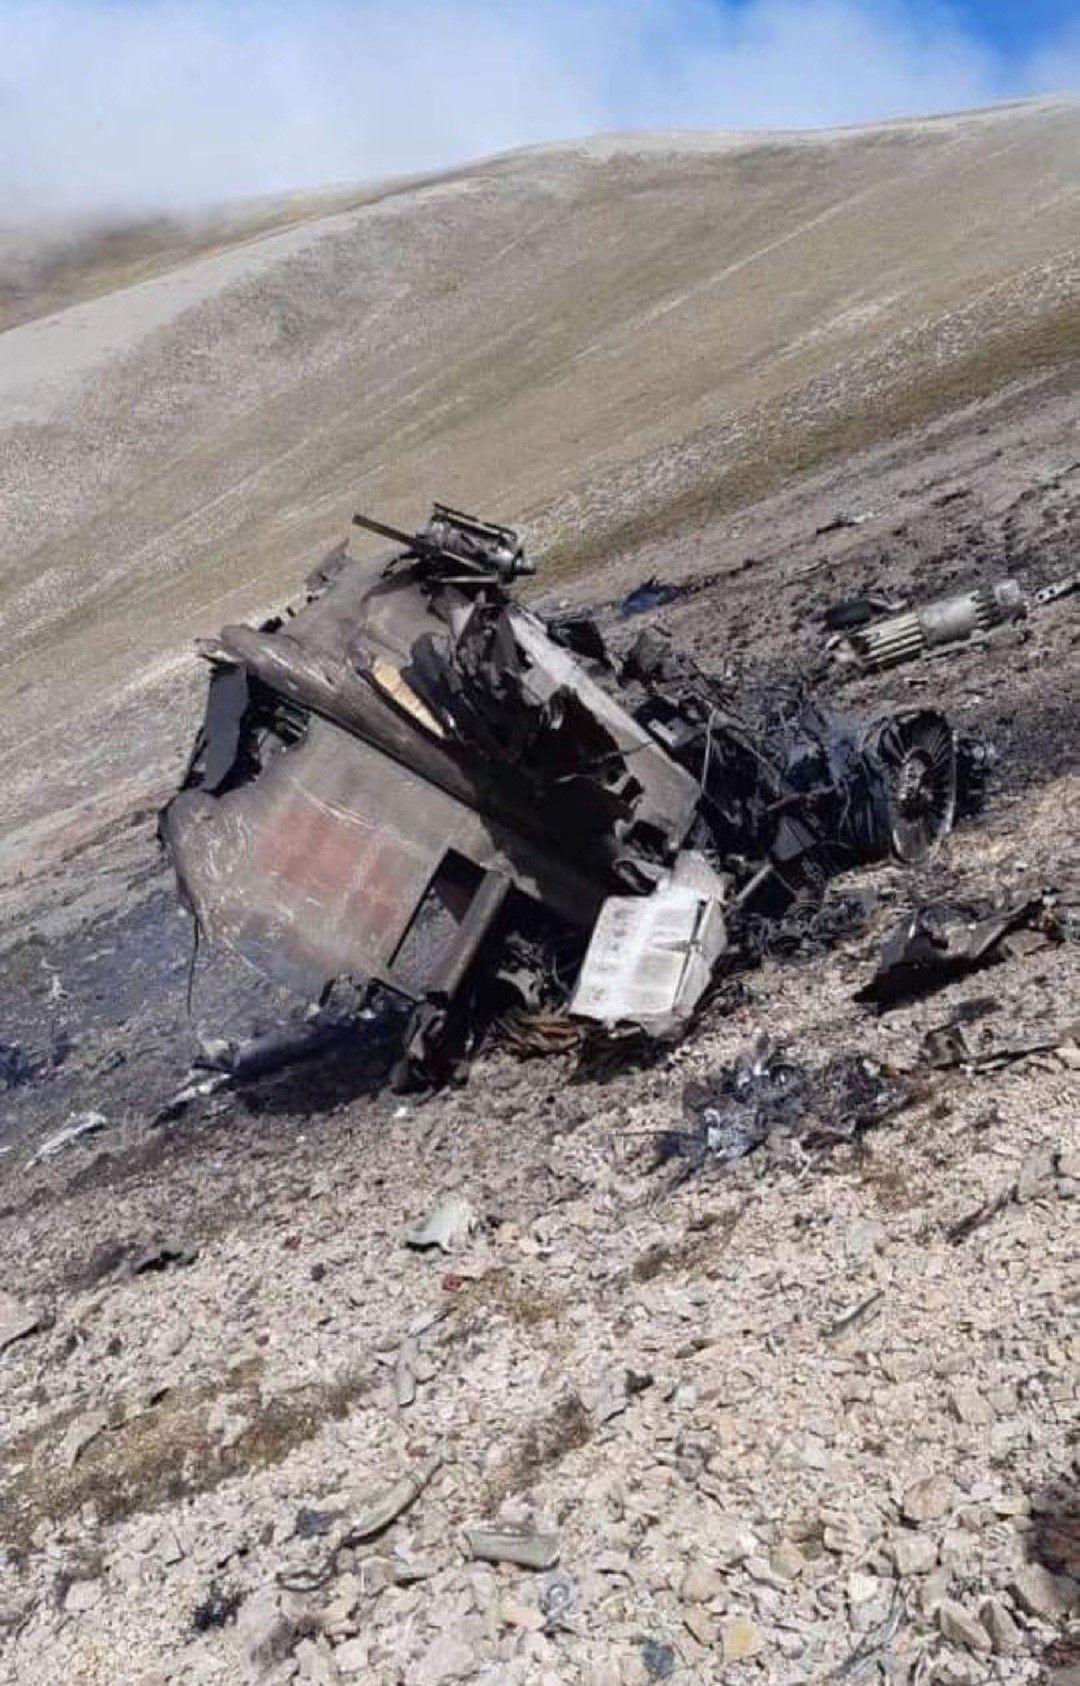 Останки от свален арменски боен самолет. Армения твърди, че турски изтребител F-16 е свалил неин SU-25 в арменското въздушно пространство, убивайки пилота. Турция отрече